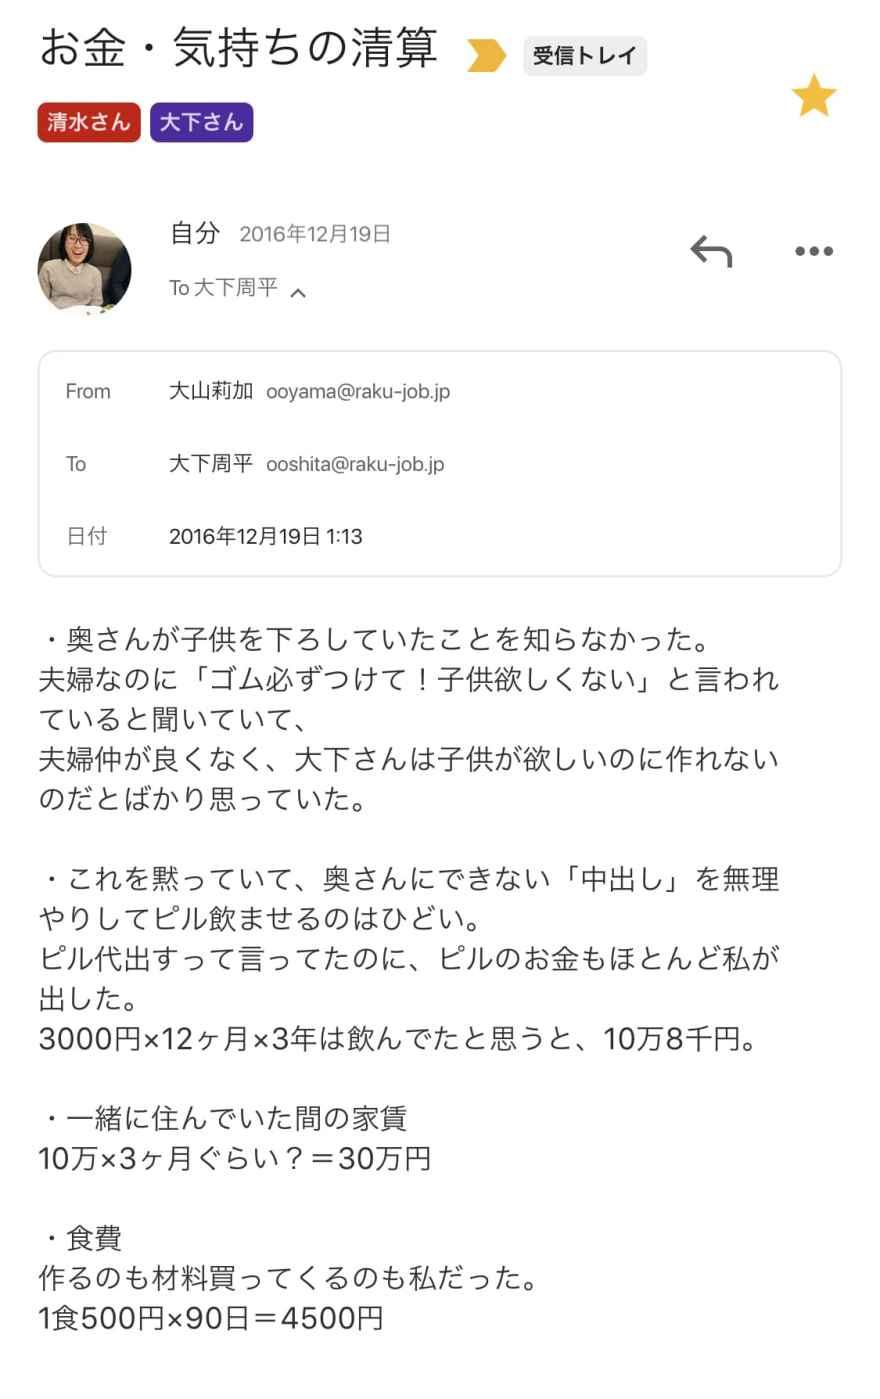 大下さんからのメール_7704